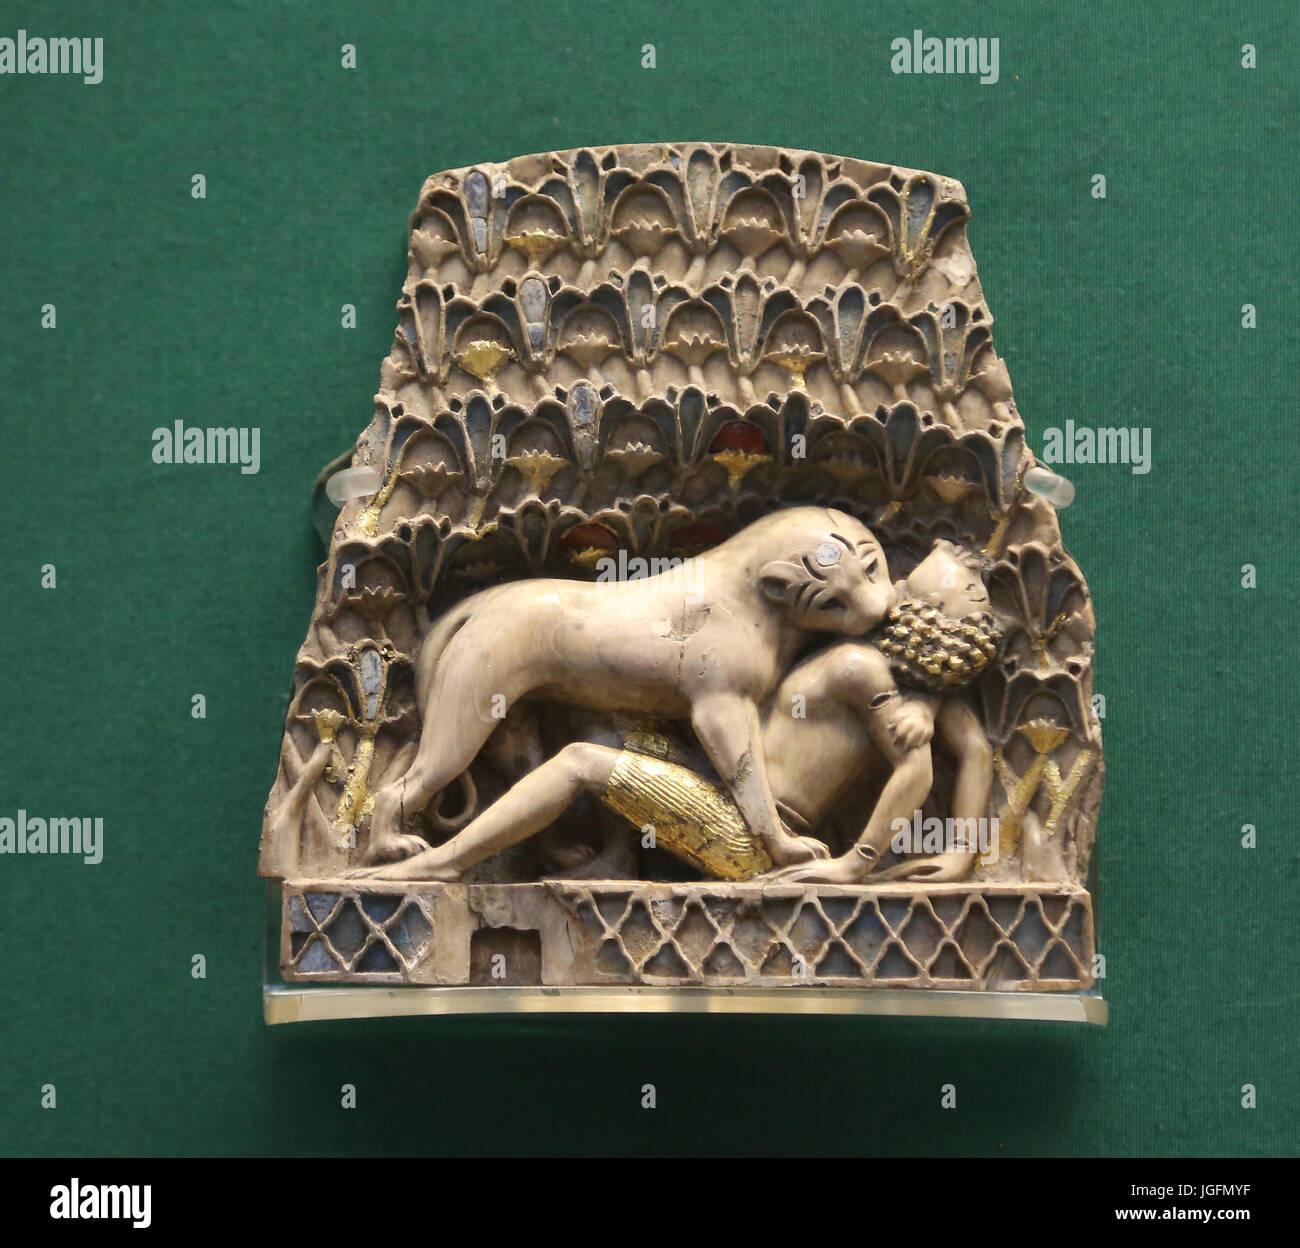 La placca d'Avorio che raffigura un leone divorando un essere umano. Nimrud. Il IX e il VII secolo A.C. Nimrud, Immagini Stock